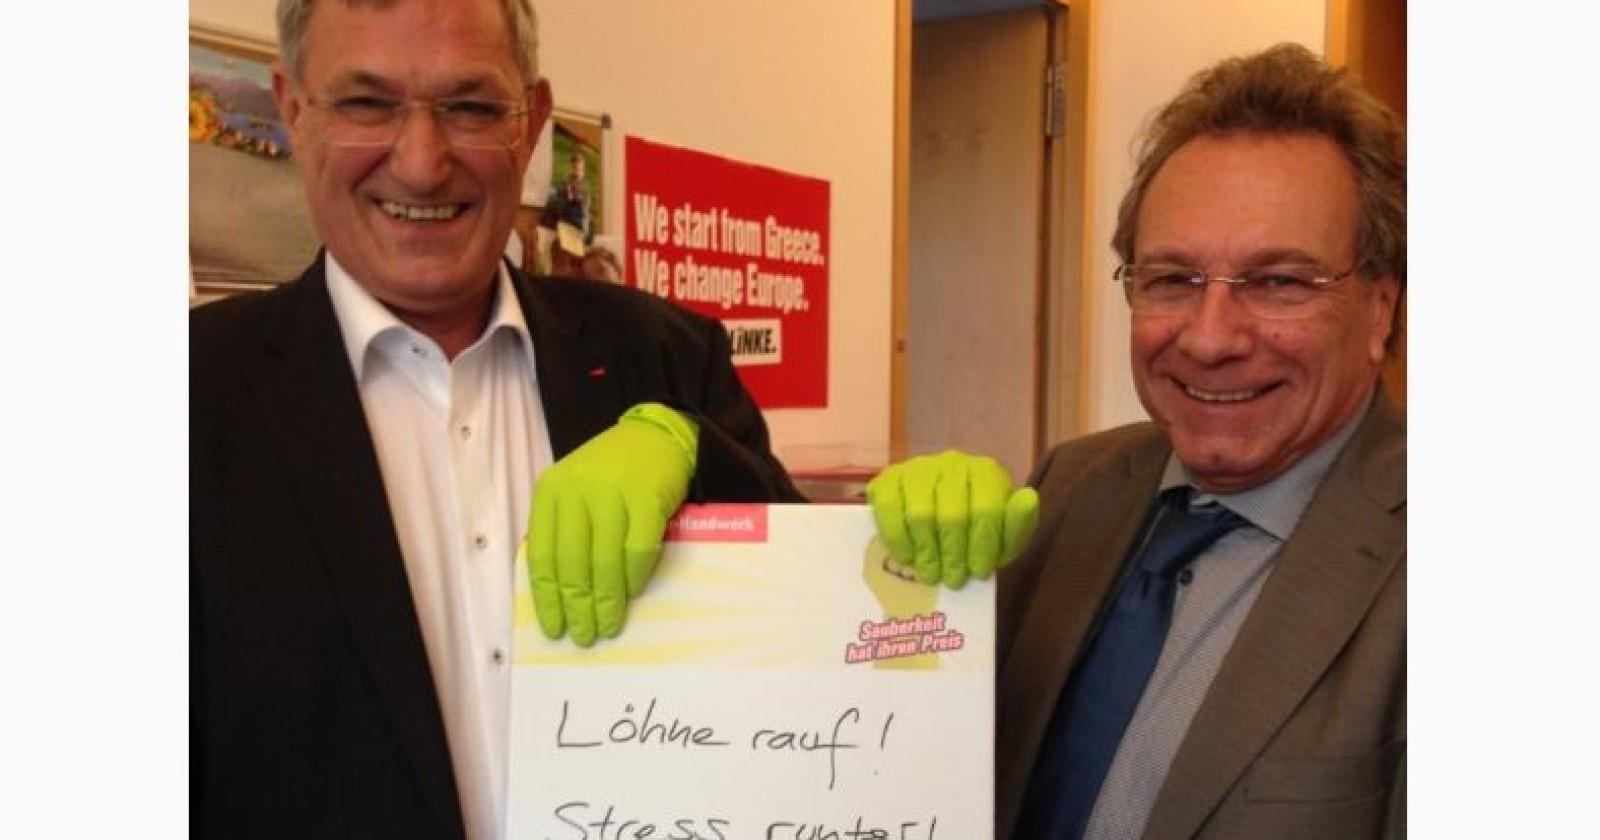 """Bernd Riexinger & Klaus Ernst (die Linke): """"Löhne rauf! Stress runter!"""""""